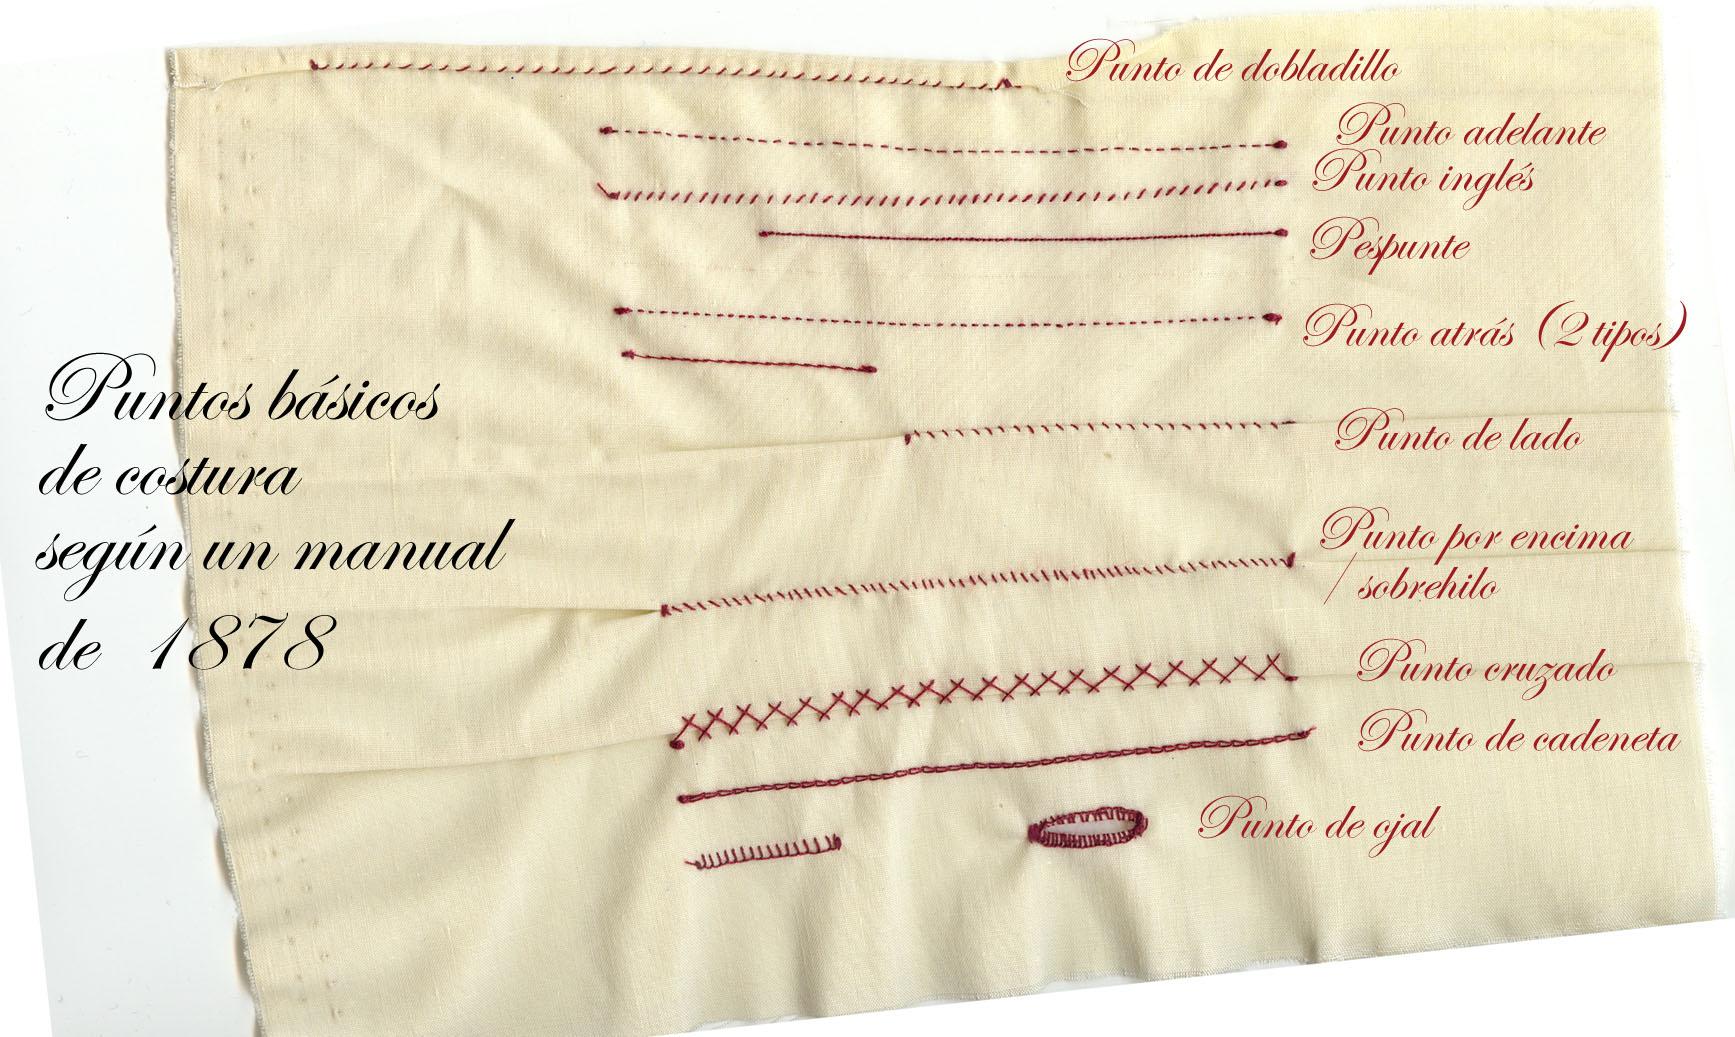 Muestrario de puntos según manual de costura de 1878